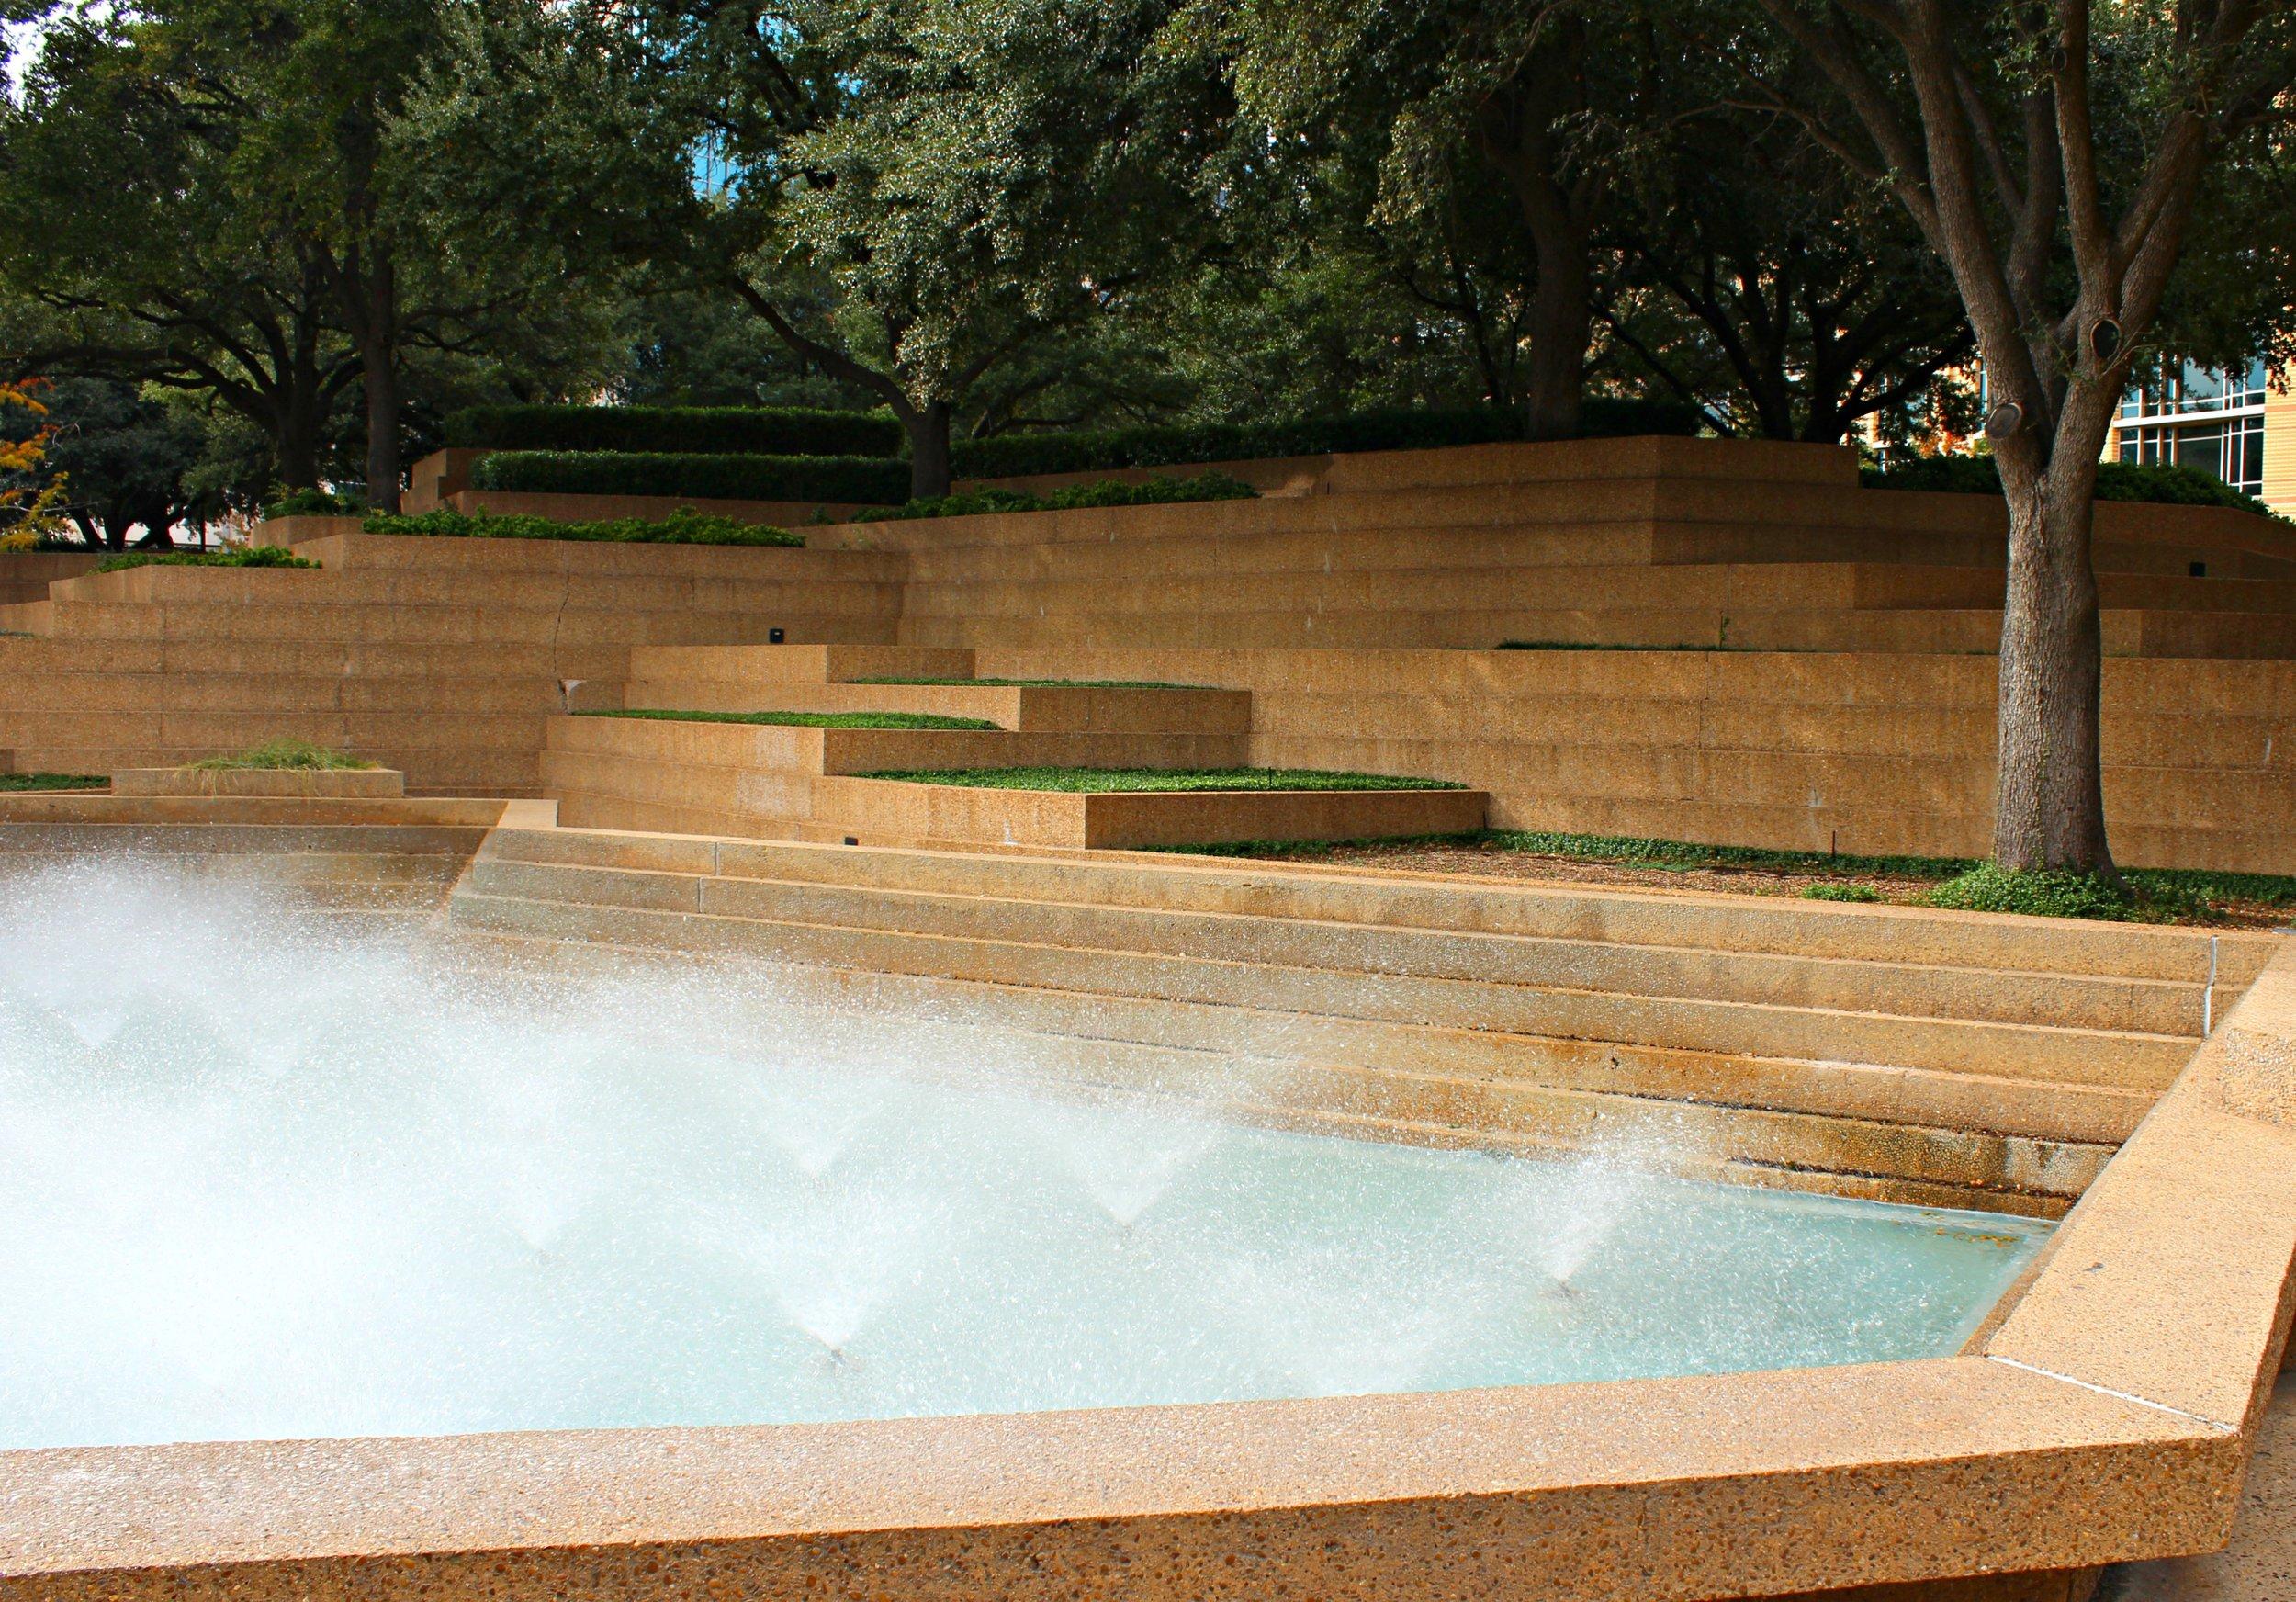 Fort Worth Water Gardens 7.0.jpg